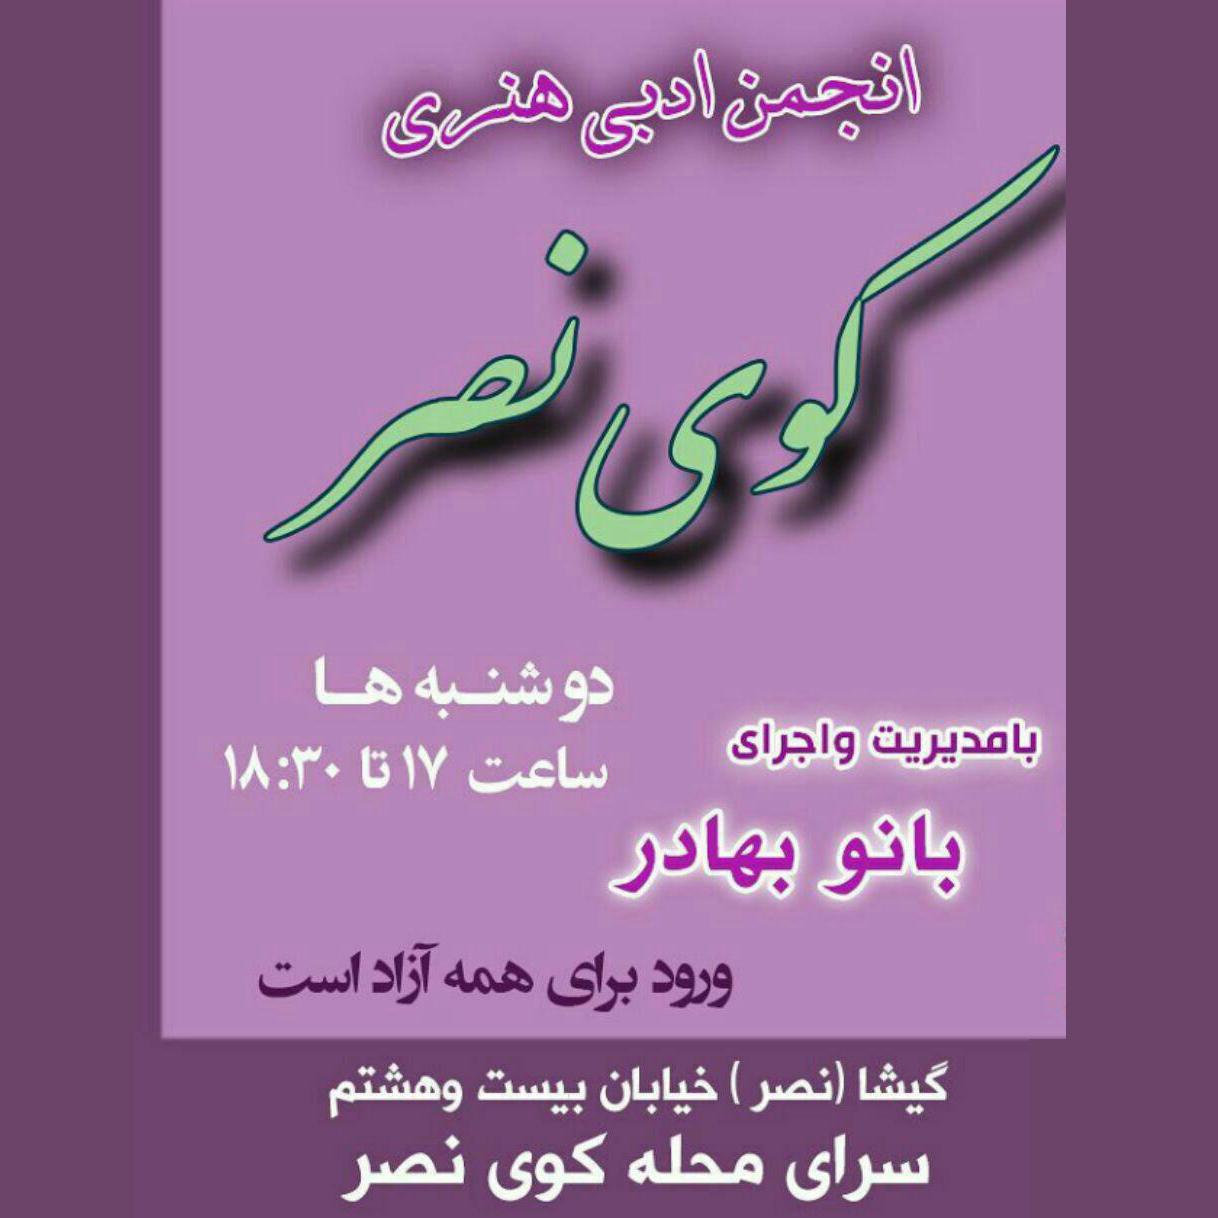 نشست انجمن ادبی کوی نصر